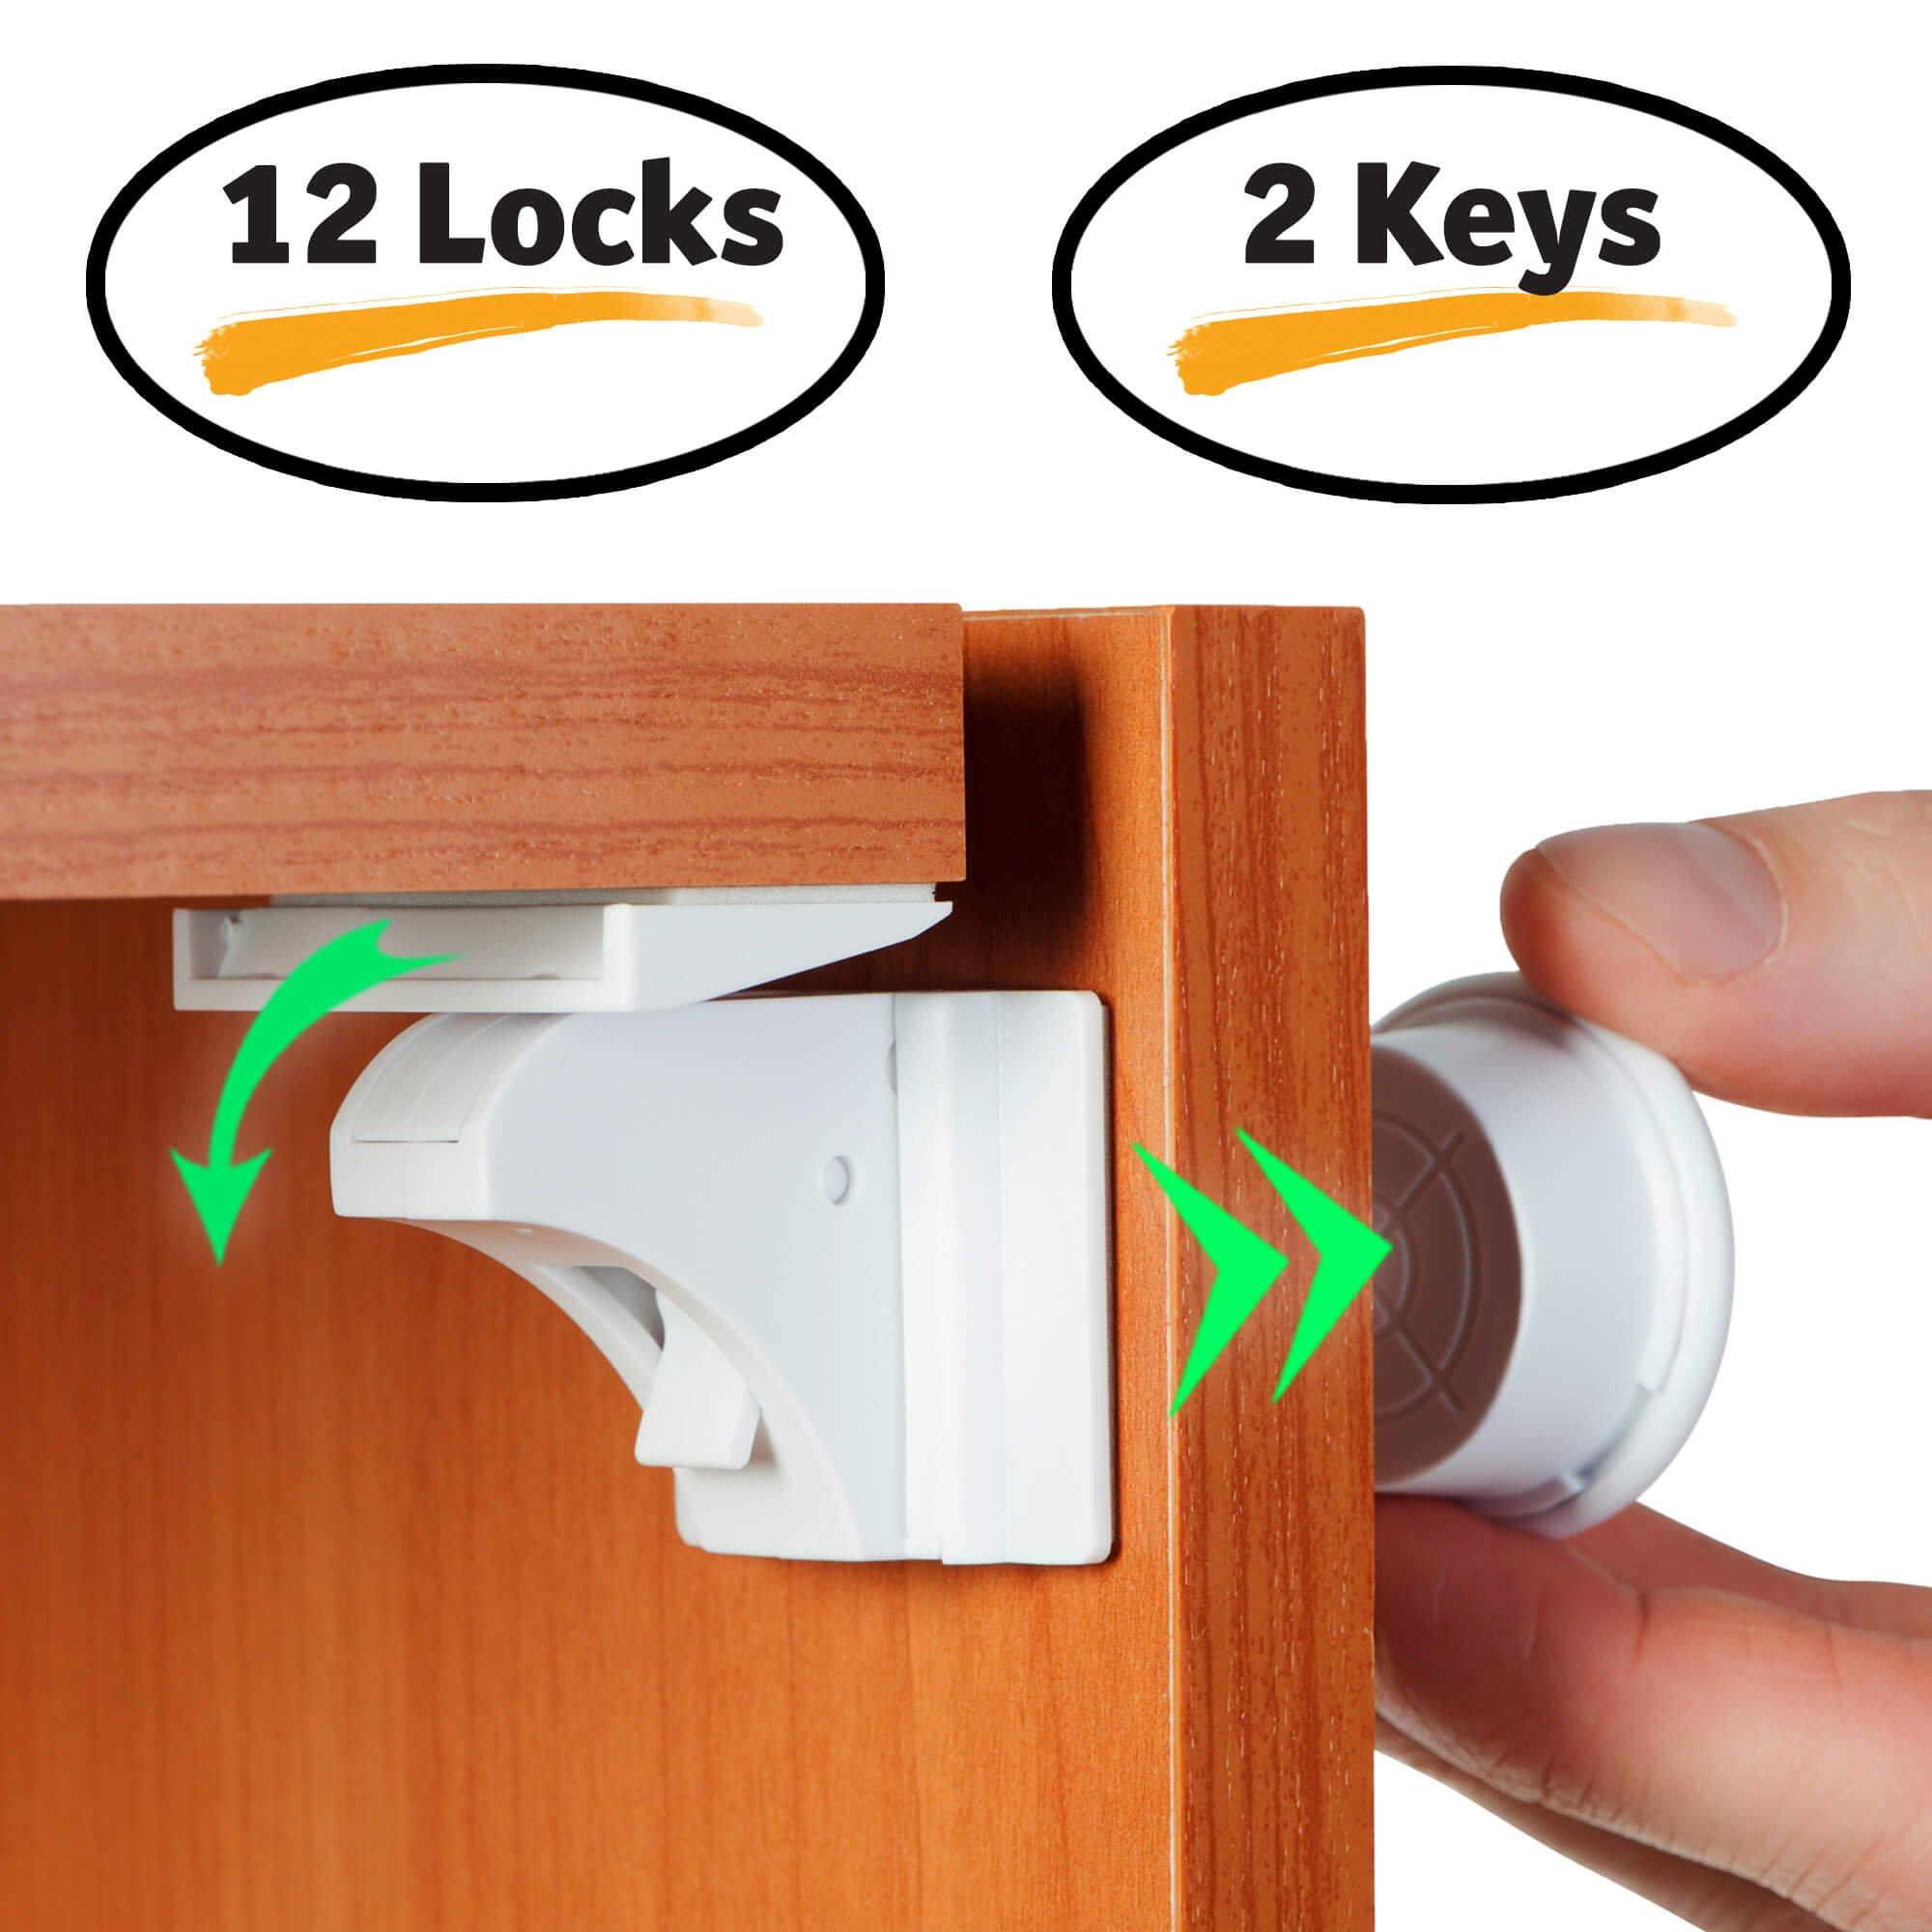 baby proofing magnetic cabinet lock set child safety locks kids toddler hidden 689213048780 ebay. Black Bedroom Furniture Sets. Home Design Ideas